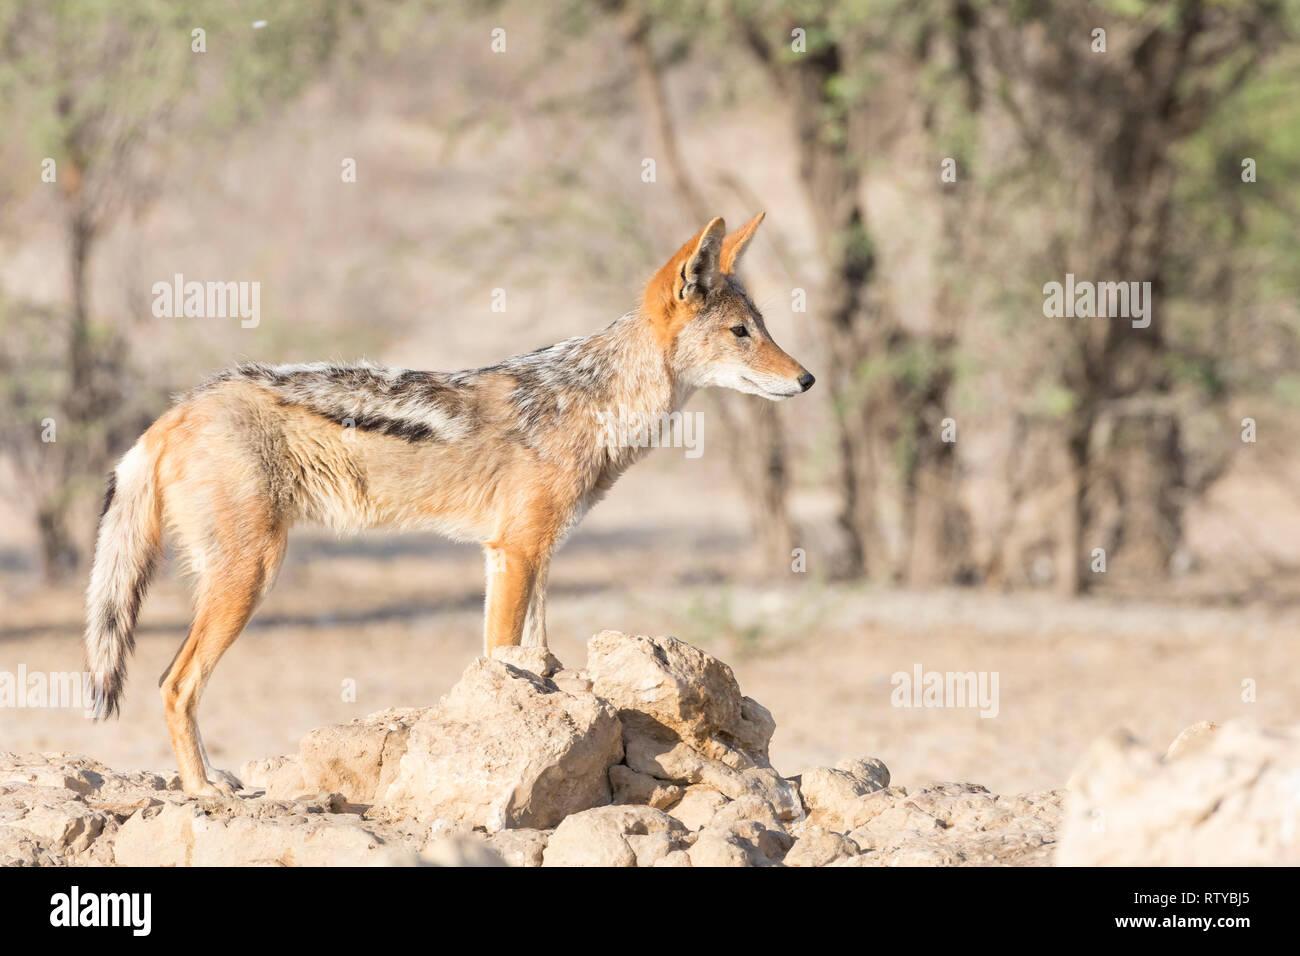 Nero-backed Jackal (Canis mesomelas) permanente sulla roccia, Kgalagadi parco transfrontaliero, Northern Cape, il Kalahari, Sud Africa, vista laterale, avviso inizio m Immagini Stock